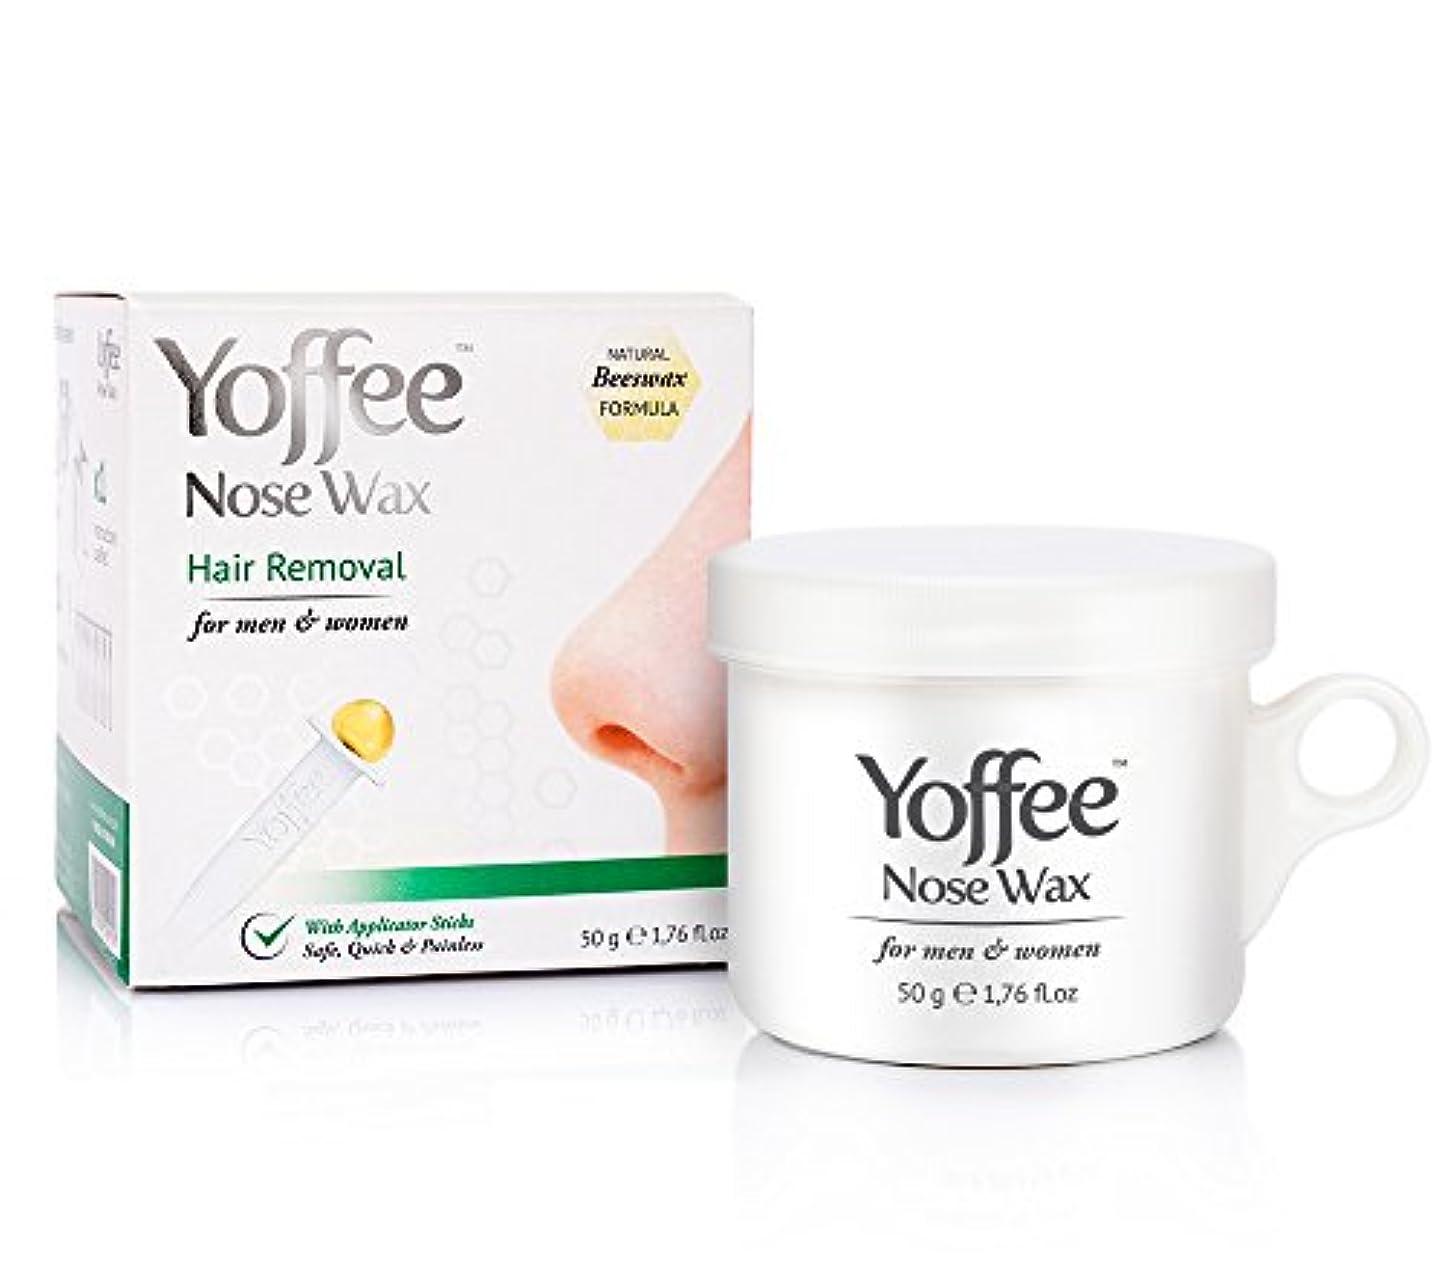 カニ完全にスズメバチヨーフィ (Yoffee) ノーズ ヘア リムーバル 鼻毛 脱毛 ビーズ ワックス